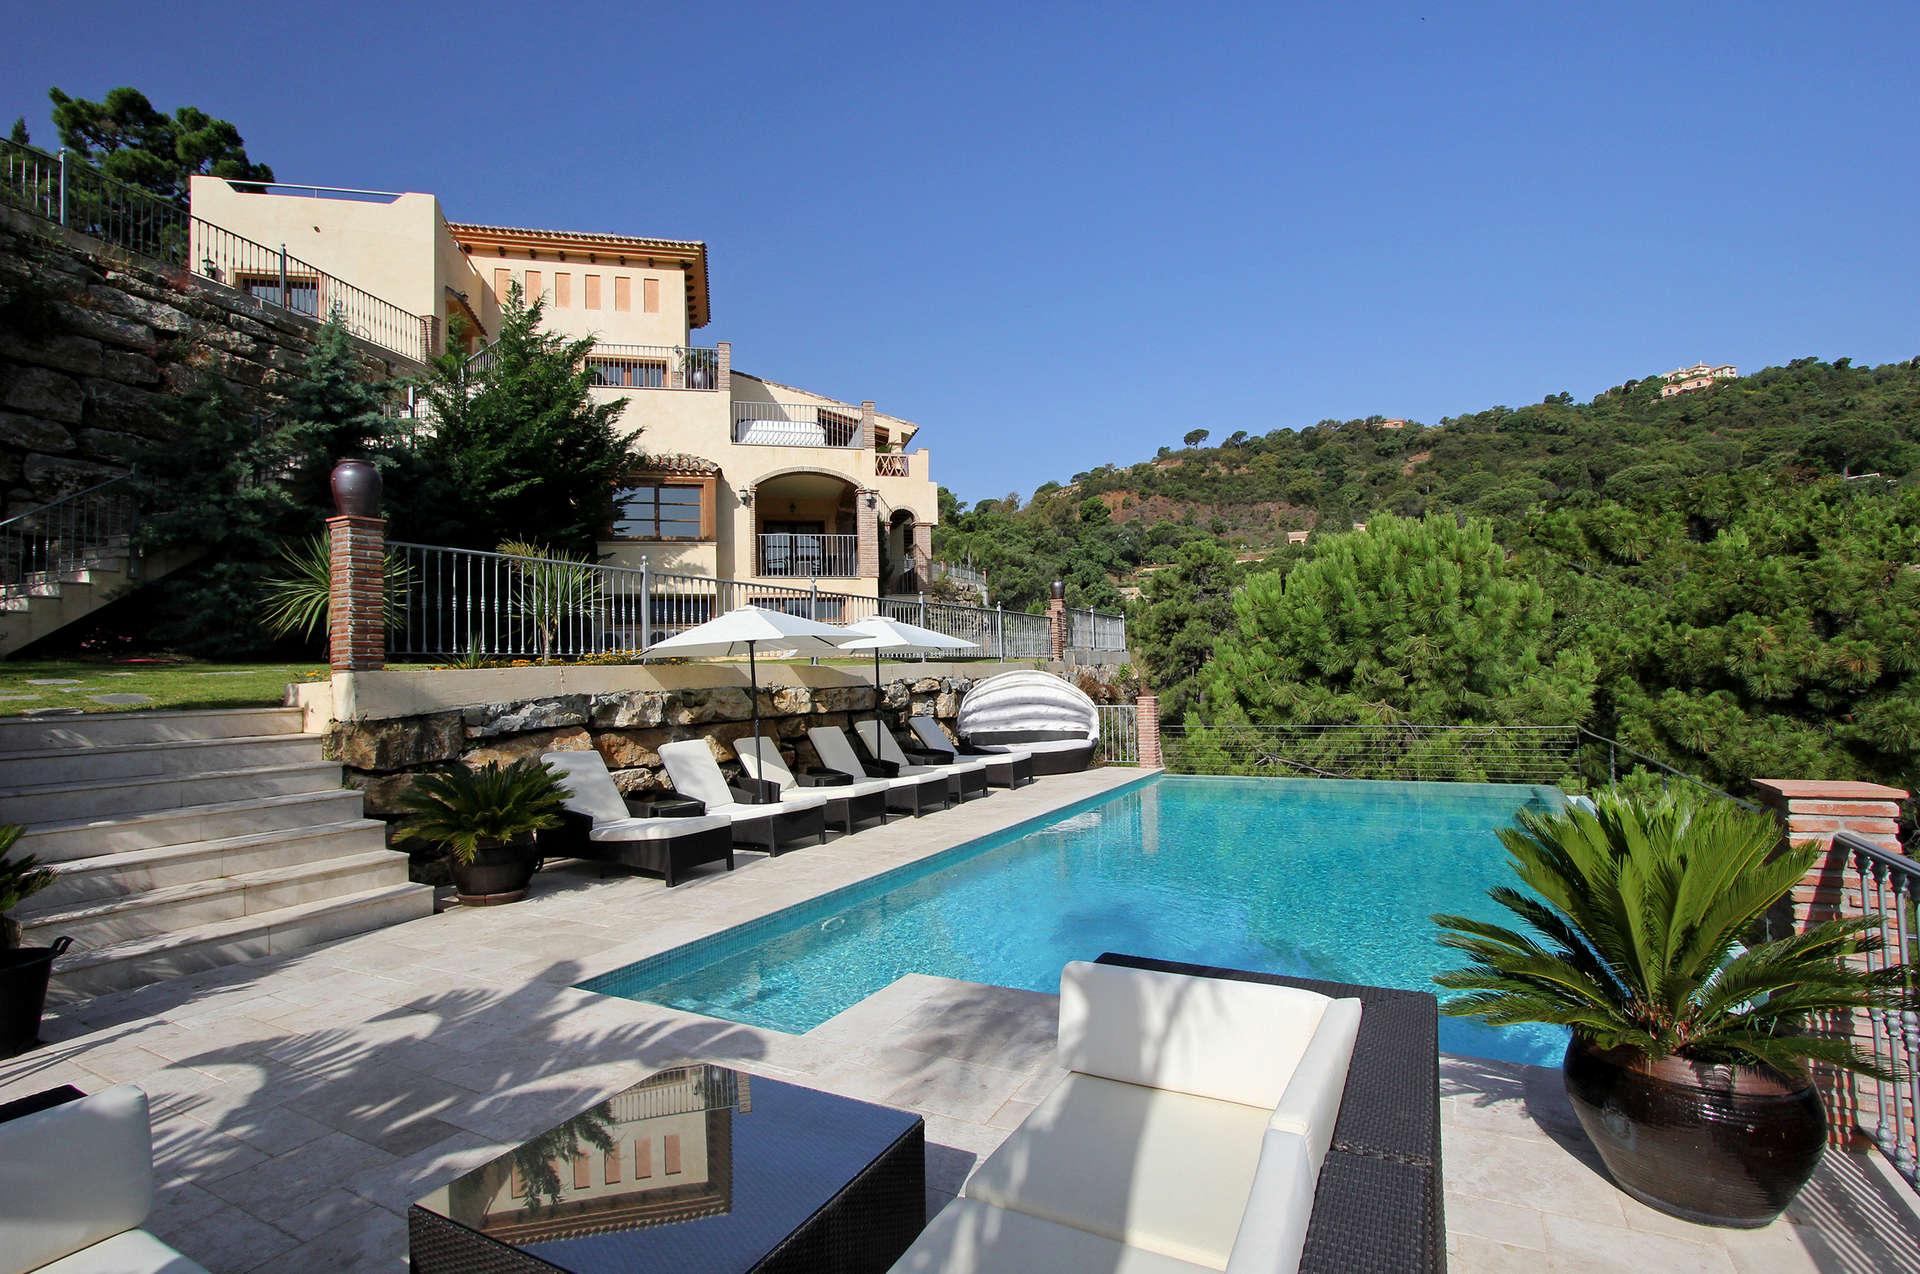 Luxury vacation rentals europe - Spain - Marbella - No location 4 - Gran Hacienda Florentina - Image 1/23